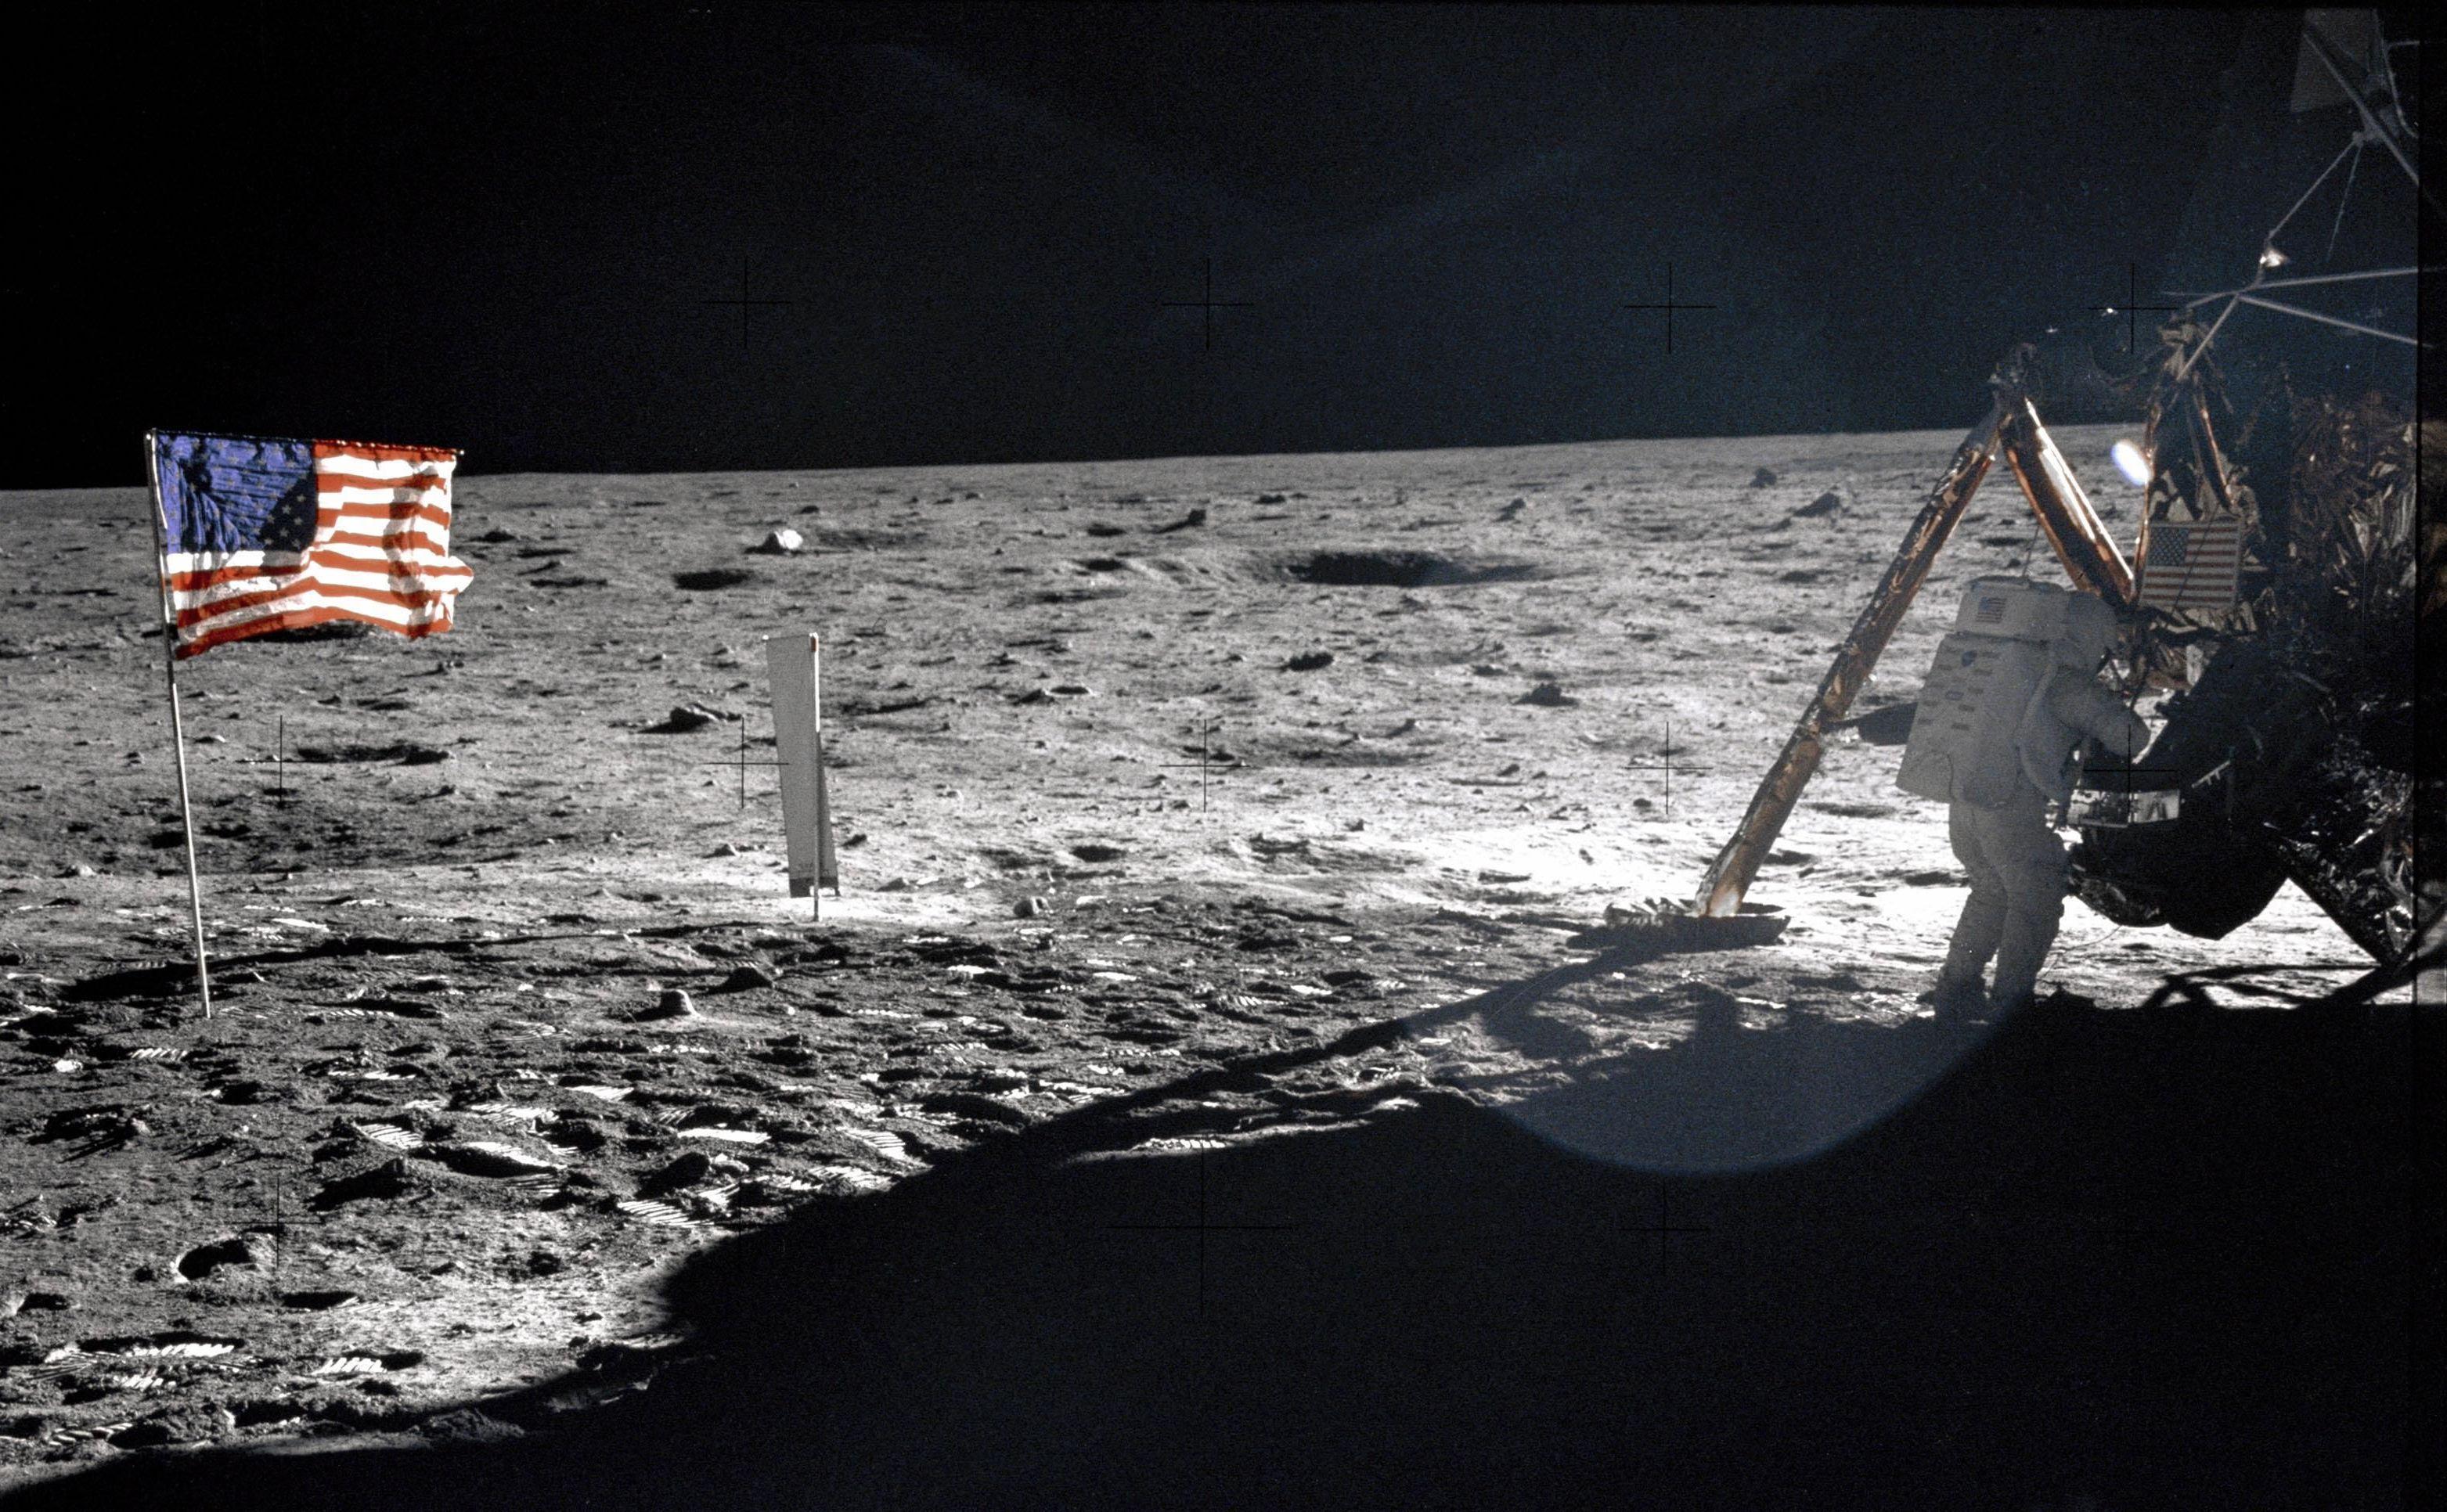 Comandante da missão lunar Apollo 11, Neil Armstrong, perto do módulo lunar